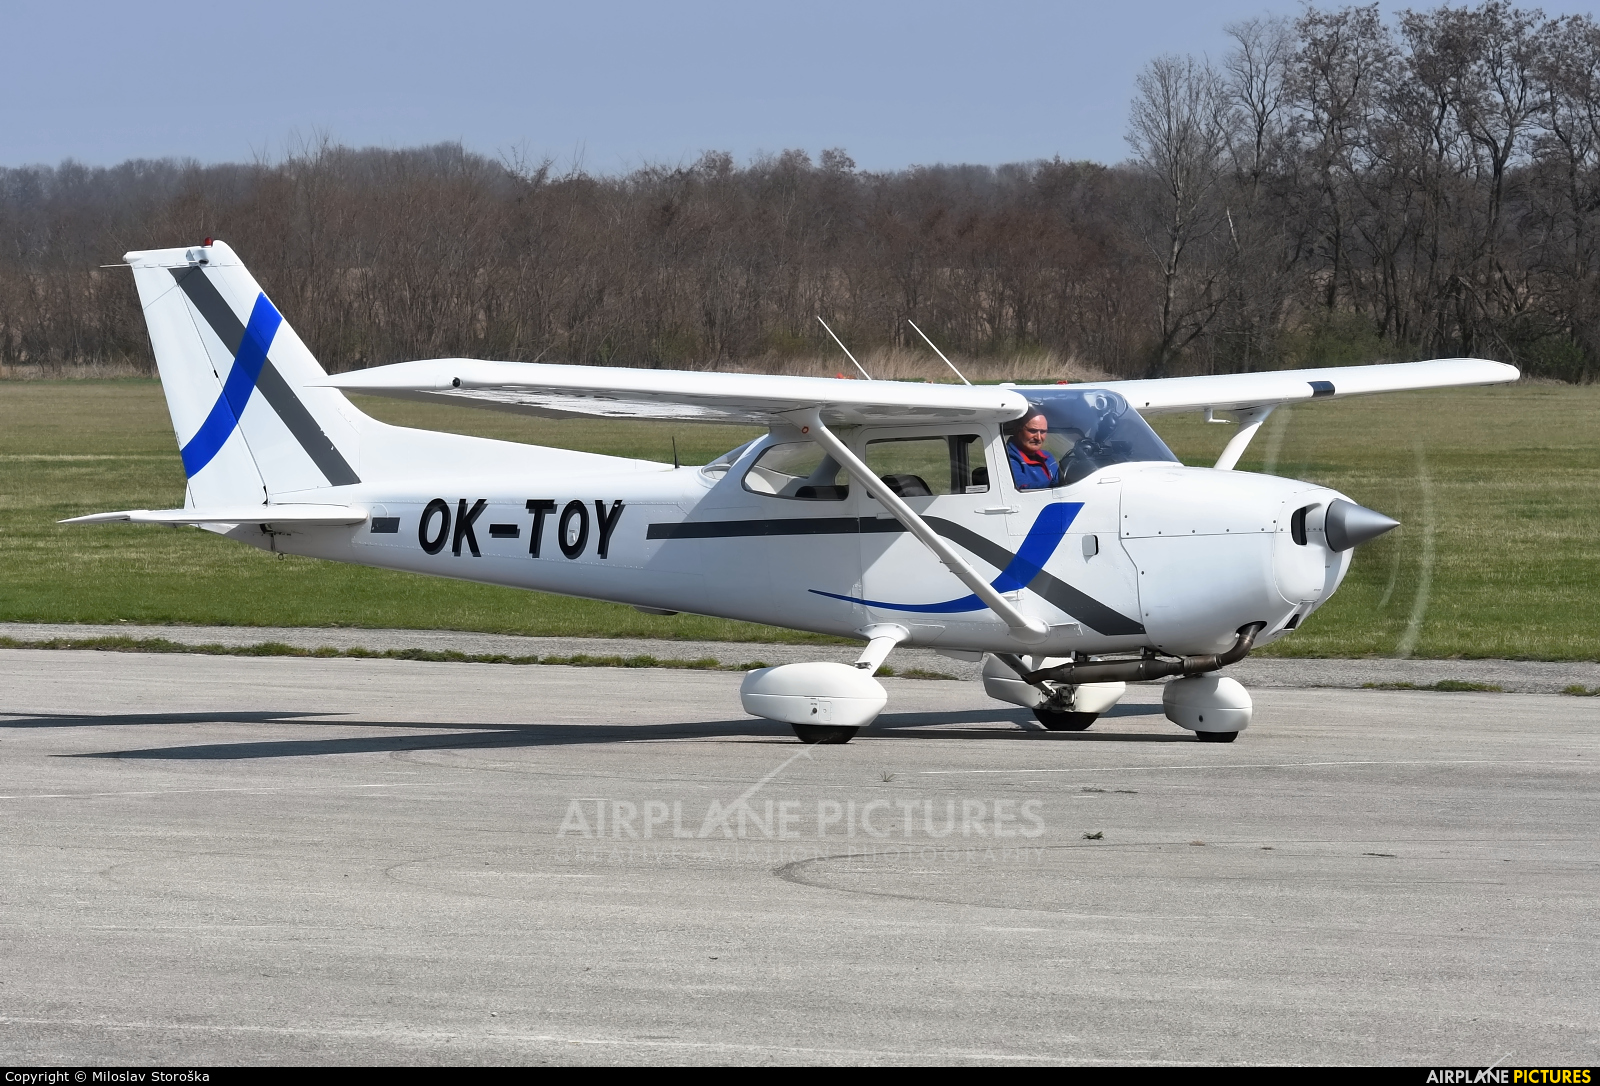 Blue Sky Service OK-TOY aircraft at Trnava- Boleráz